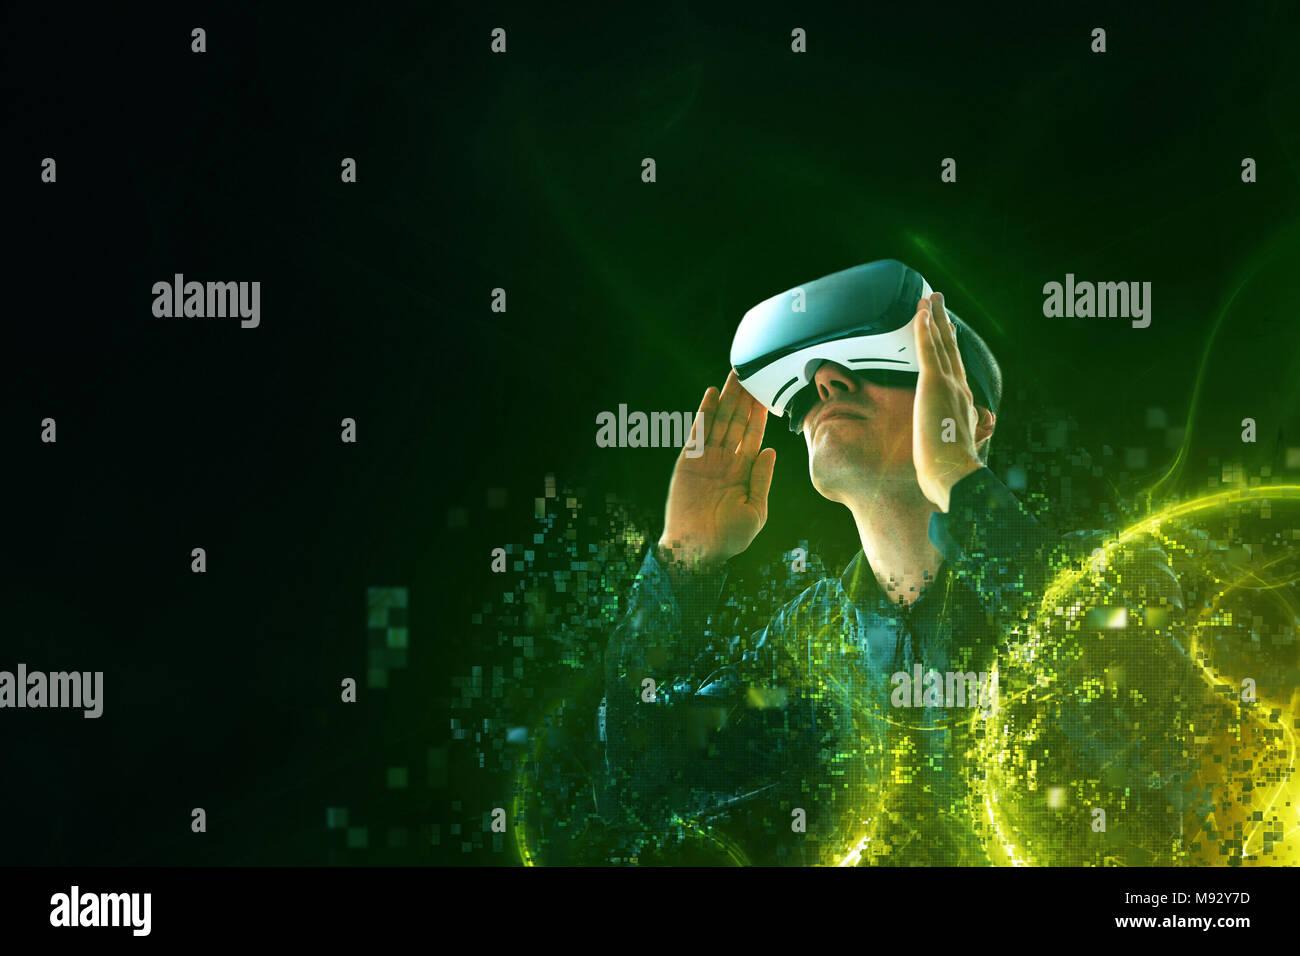 El Hombre con gafas de realidad virtual. La tecnología del futuro concepto. La moderna tecnología de diagnóstico por imagen. Foto de stock